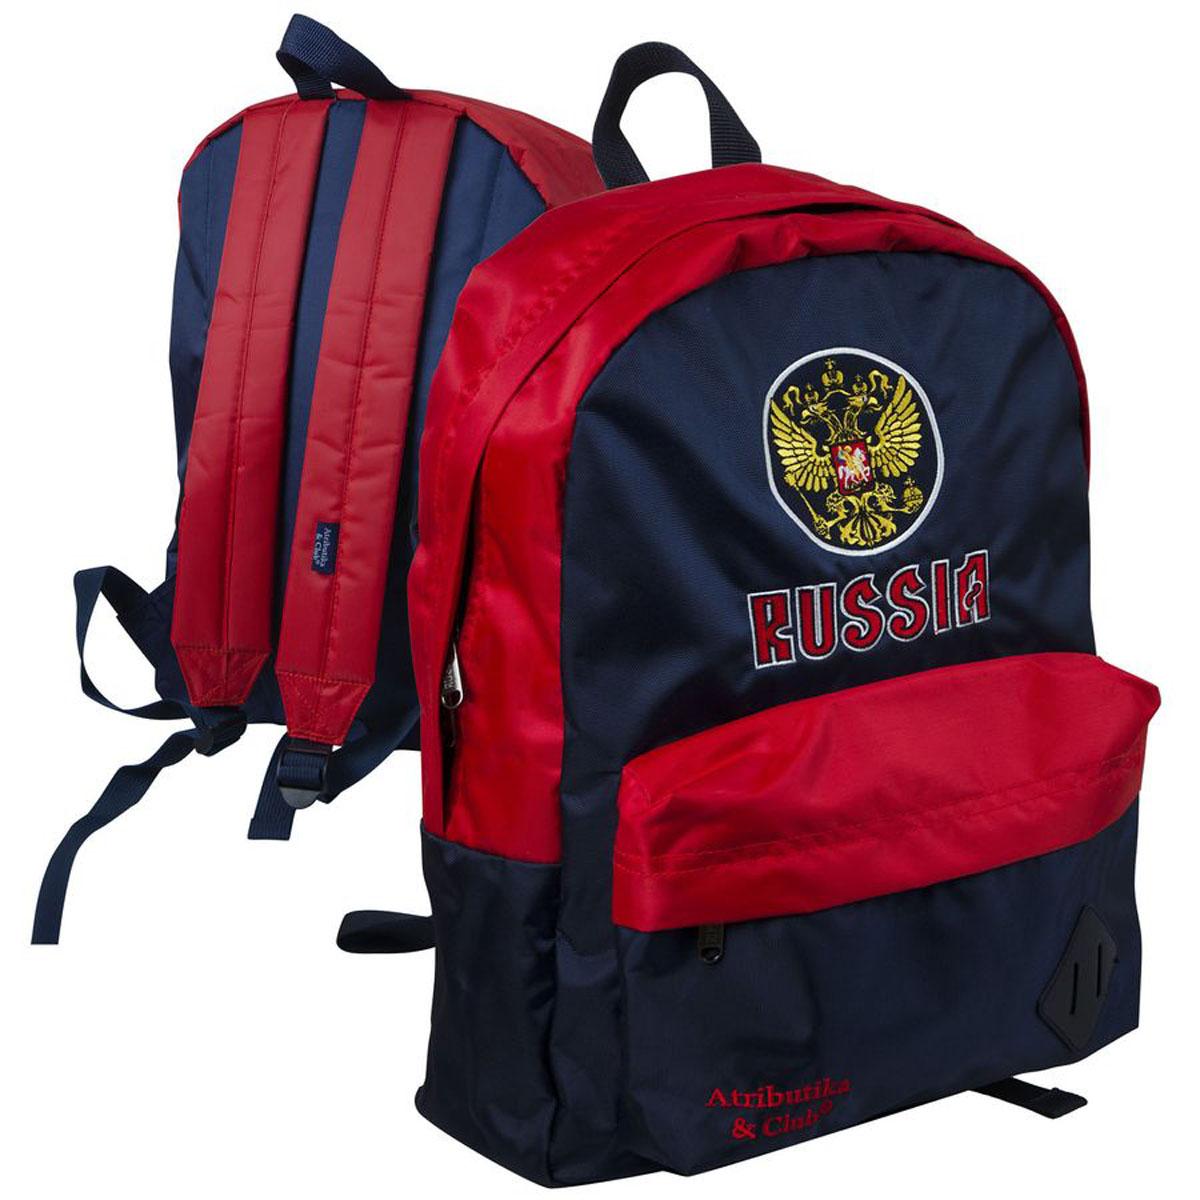 Рюкзак спортивный Россия, цвет: синий, красный. 18458